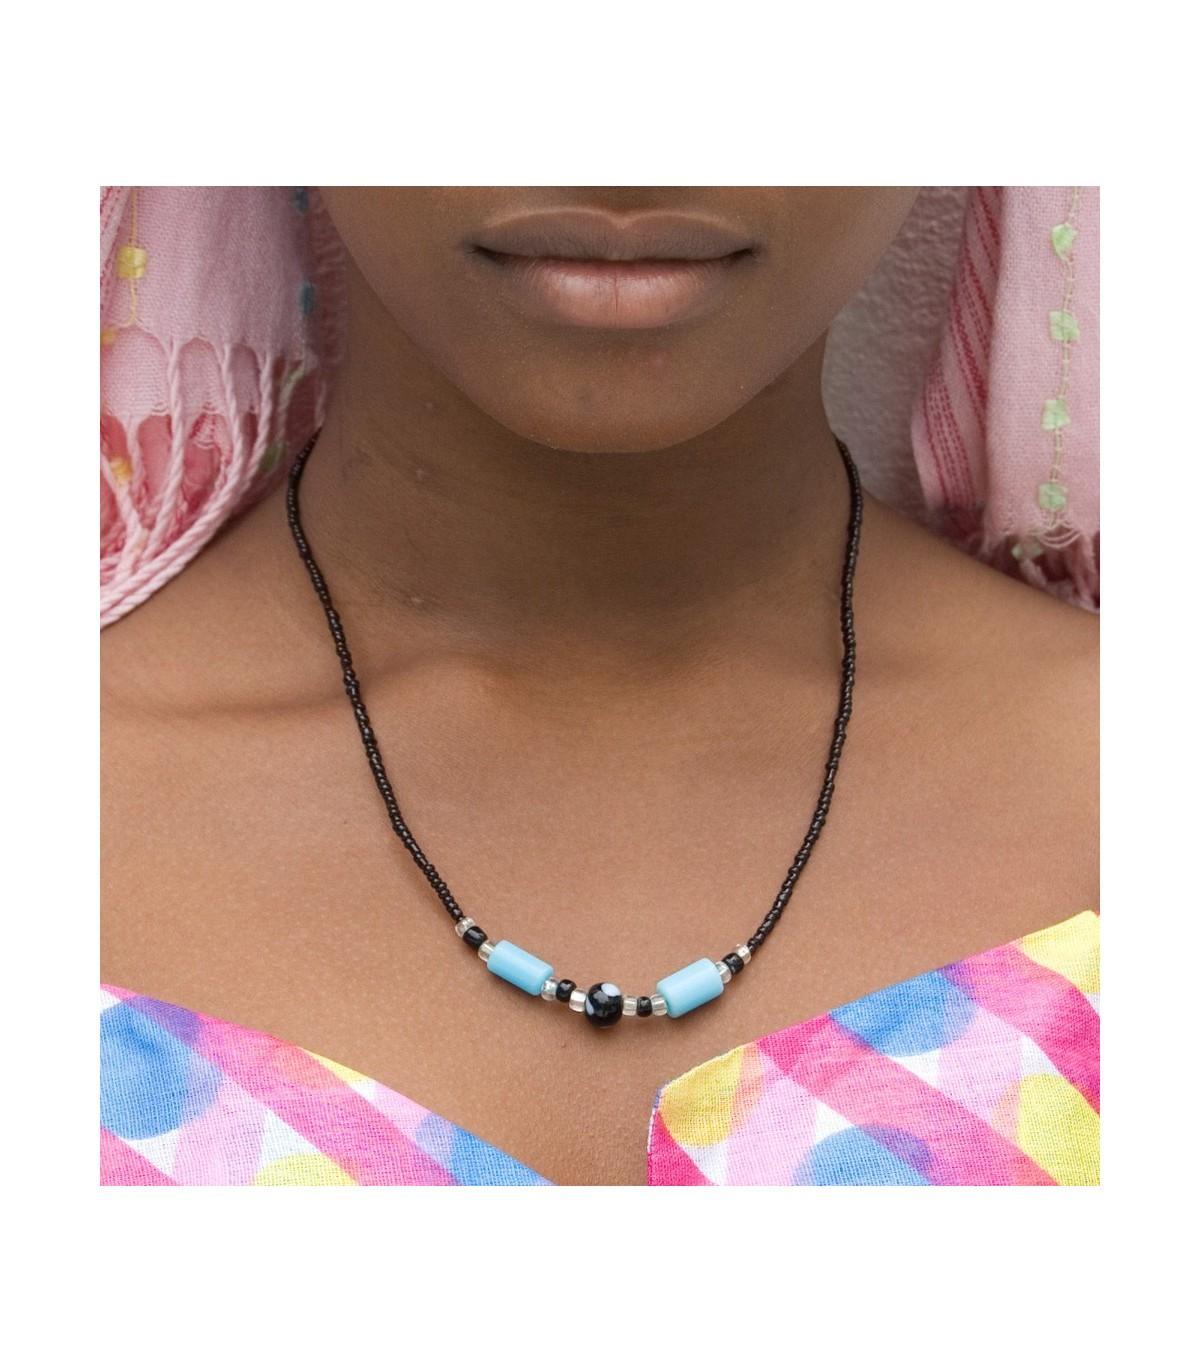 eb57336a5657 Collar Africano - Diseño Etnico - Artesano - Modelo 4 - Online